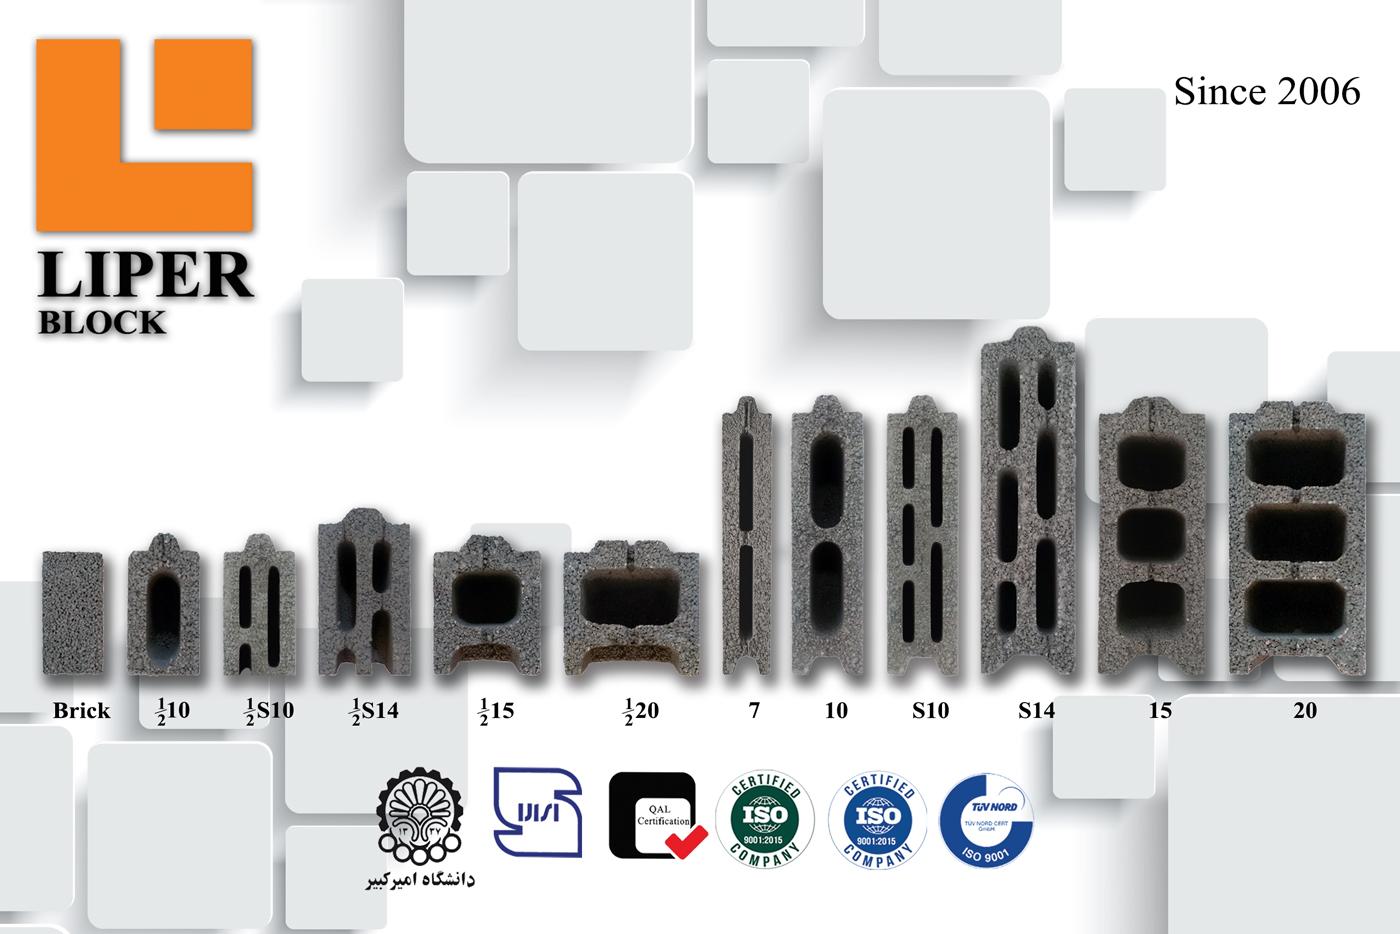 انواع محصولات بلوک لیپر